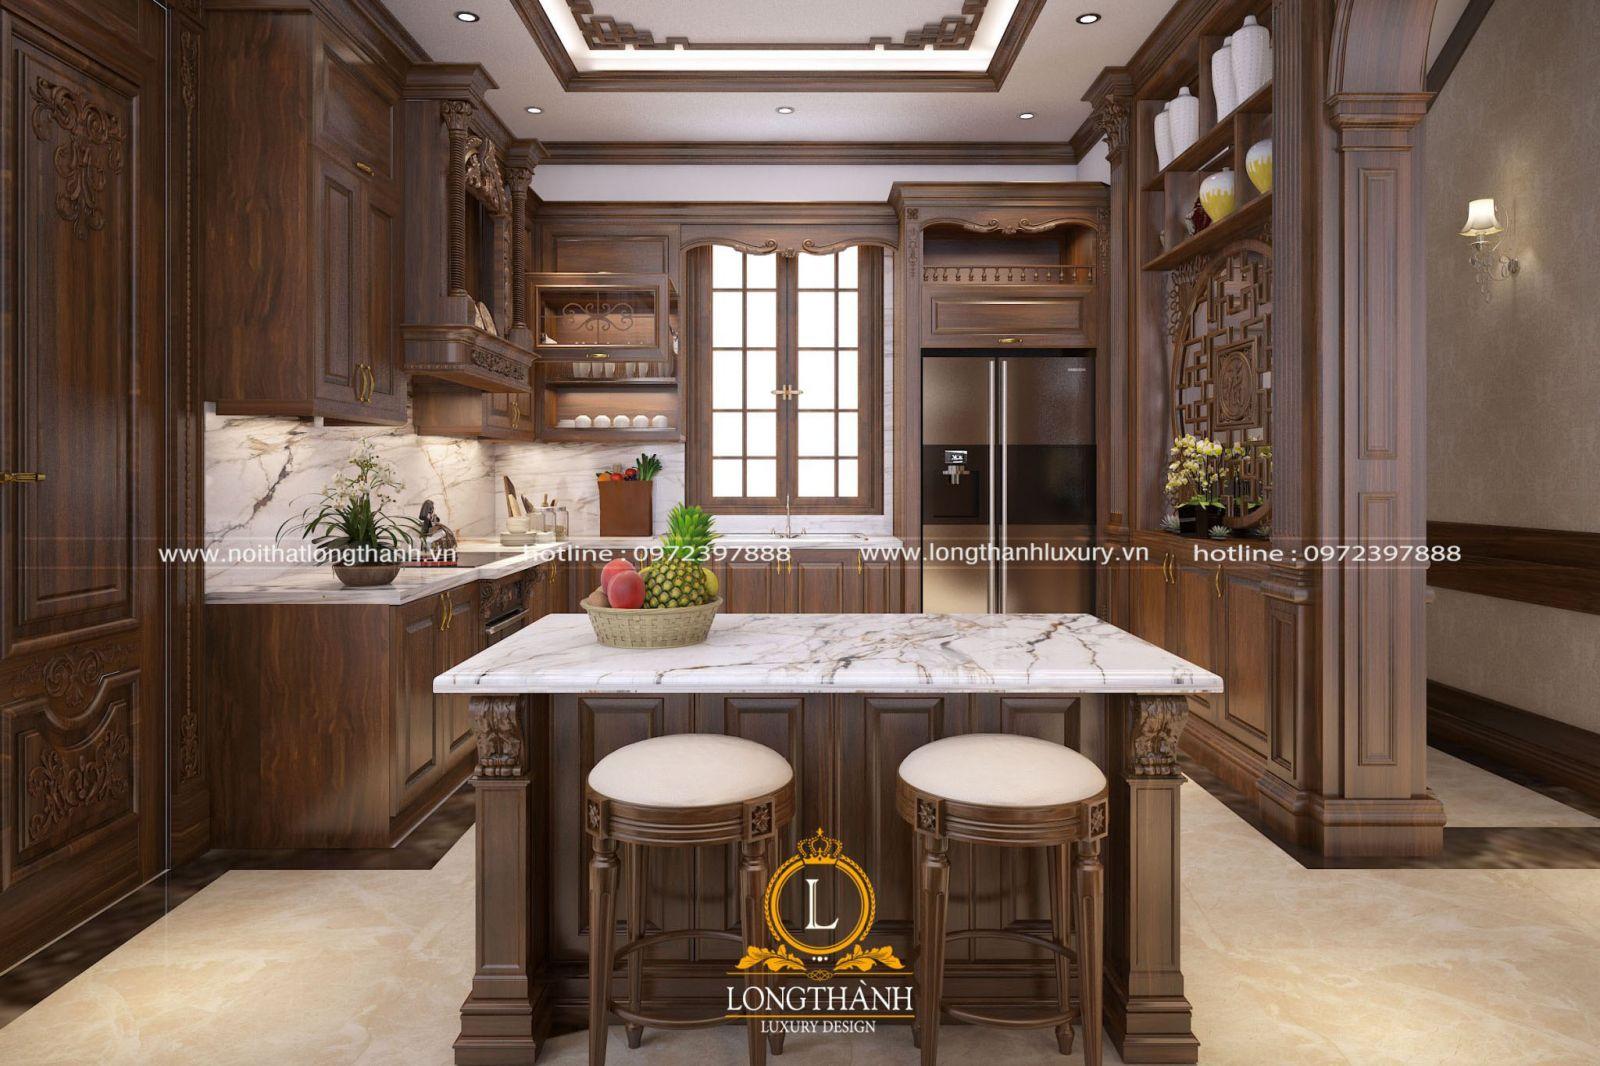 Thiết kế phòng bếp tân cổ điển ấm áp